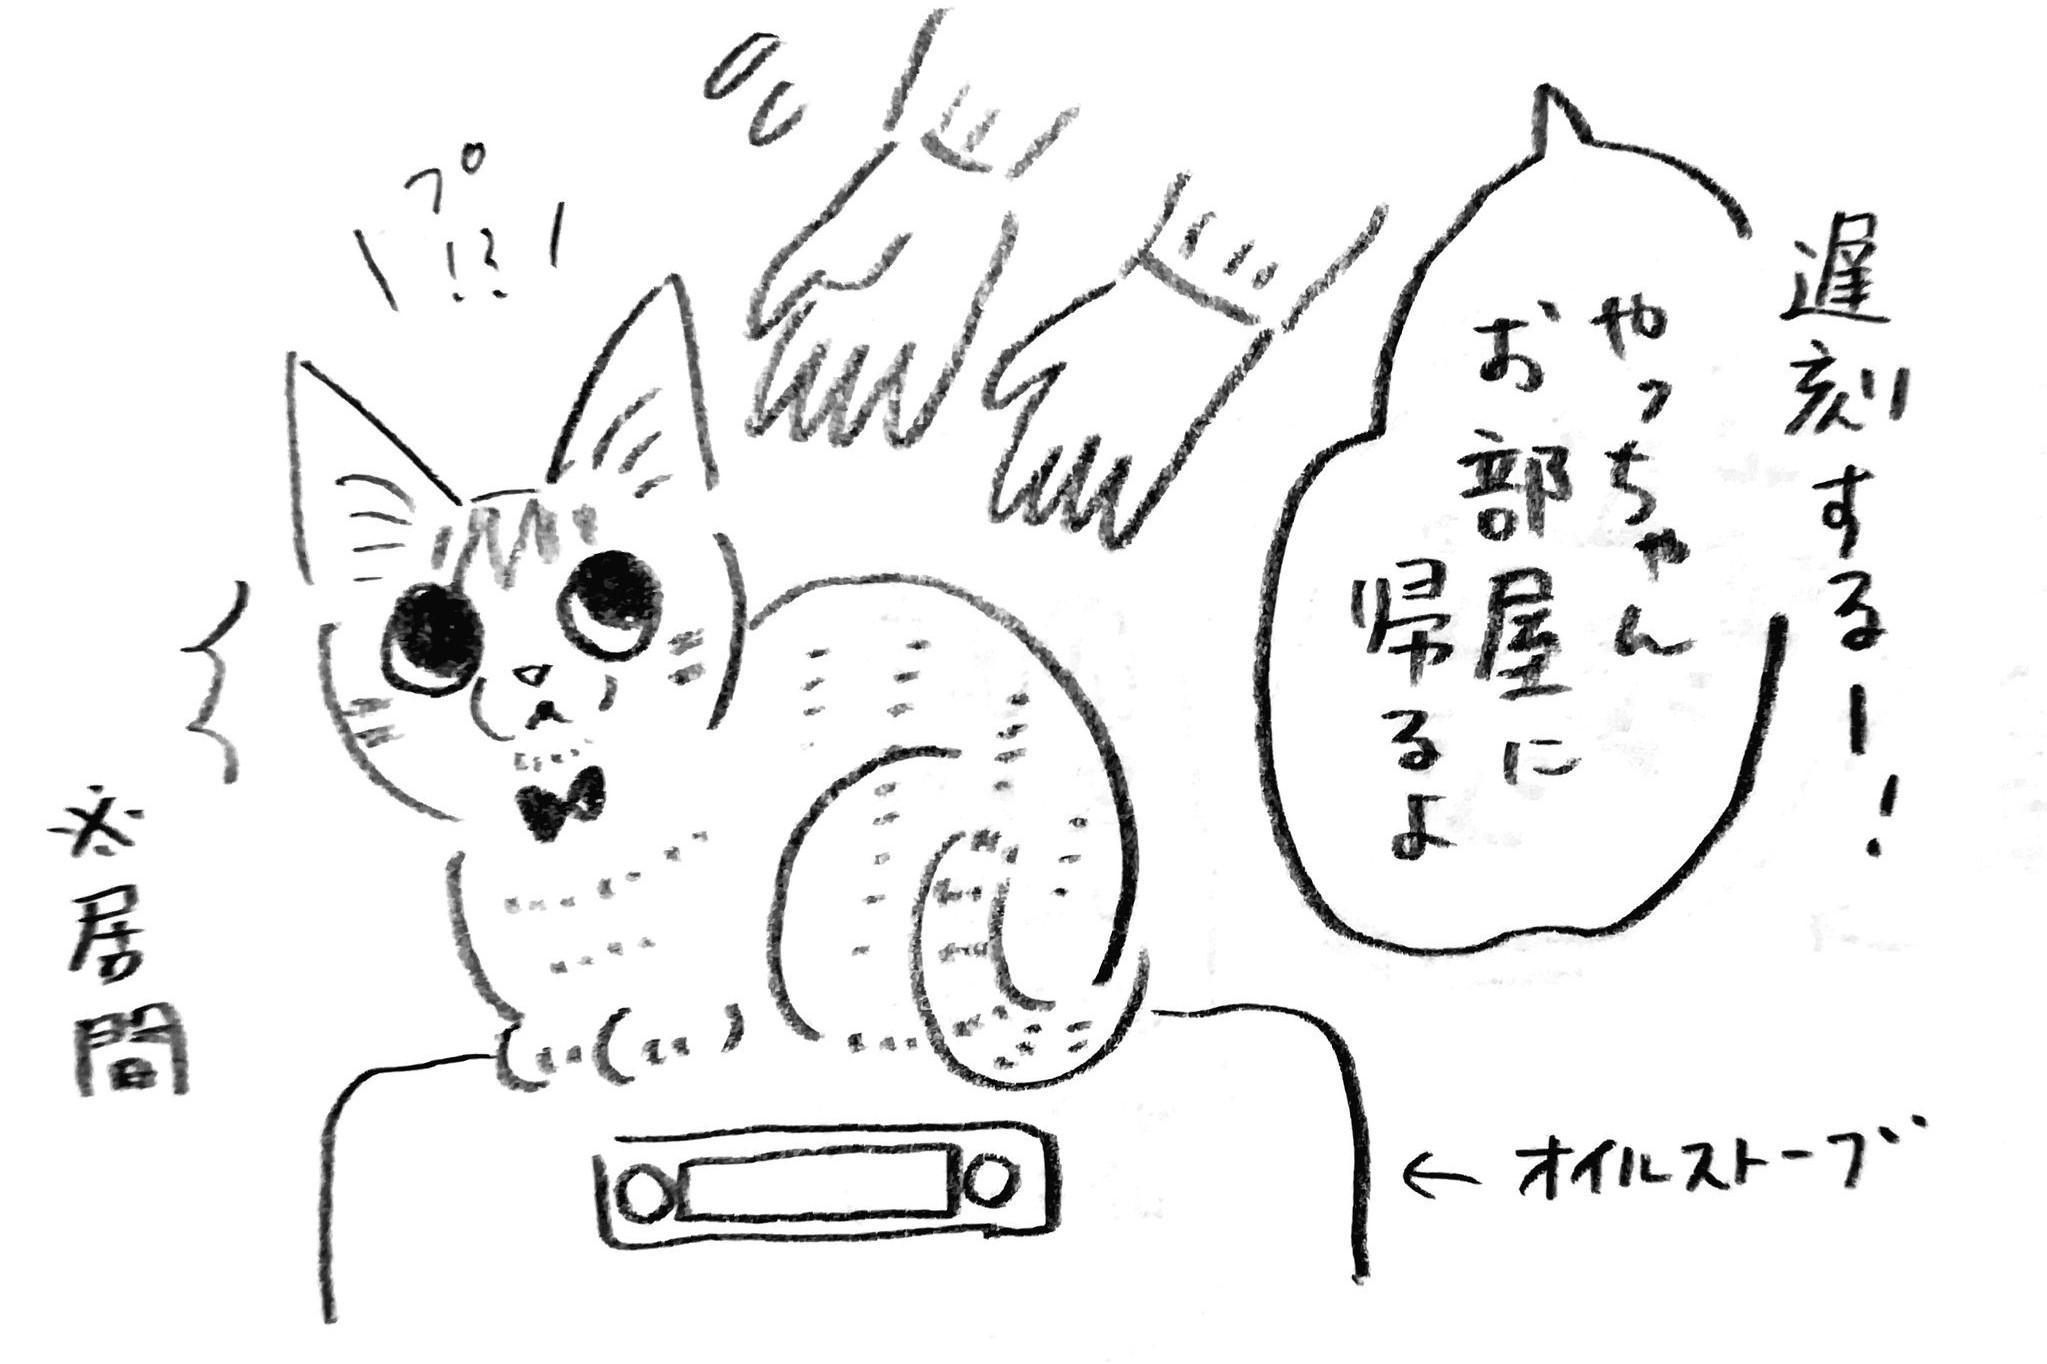 漫画のワンシーン【画像提供:類(@ruuiruiruirui)さん】